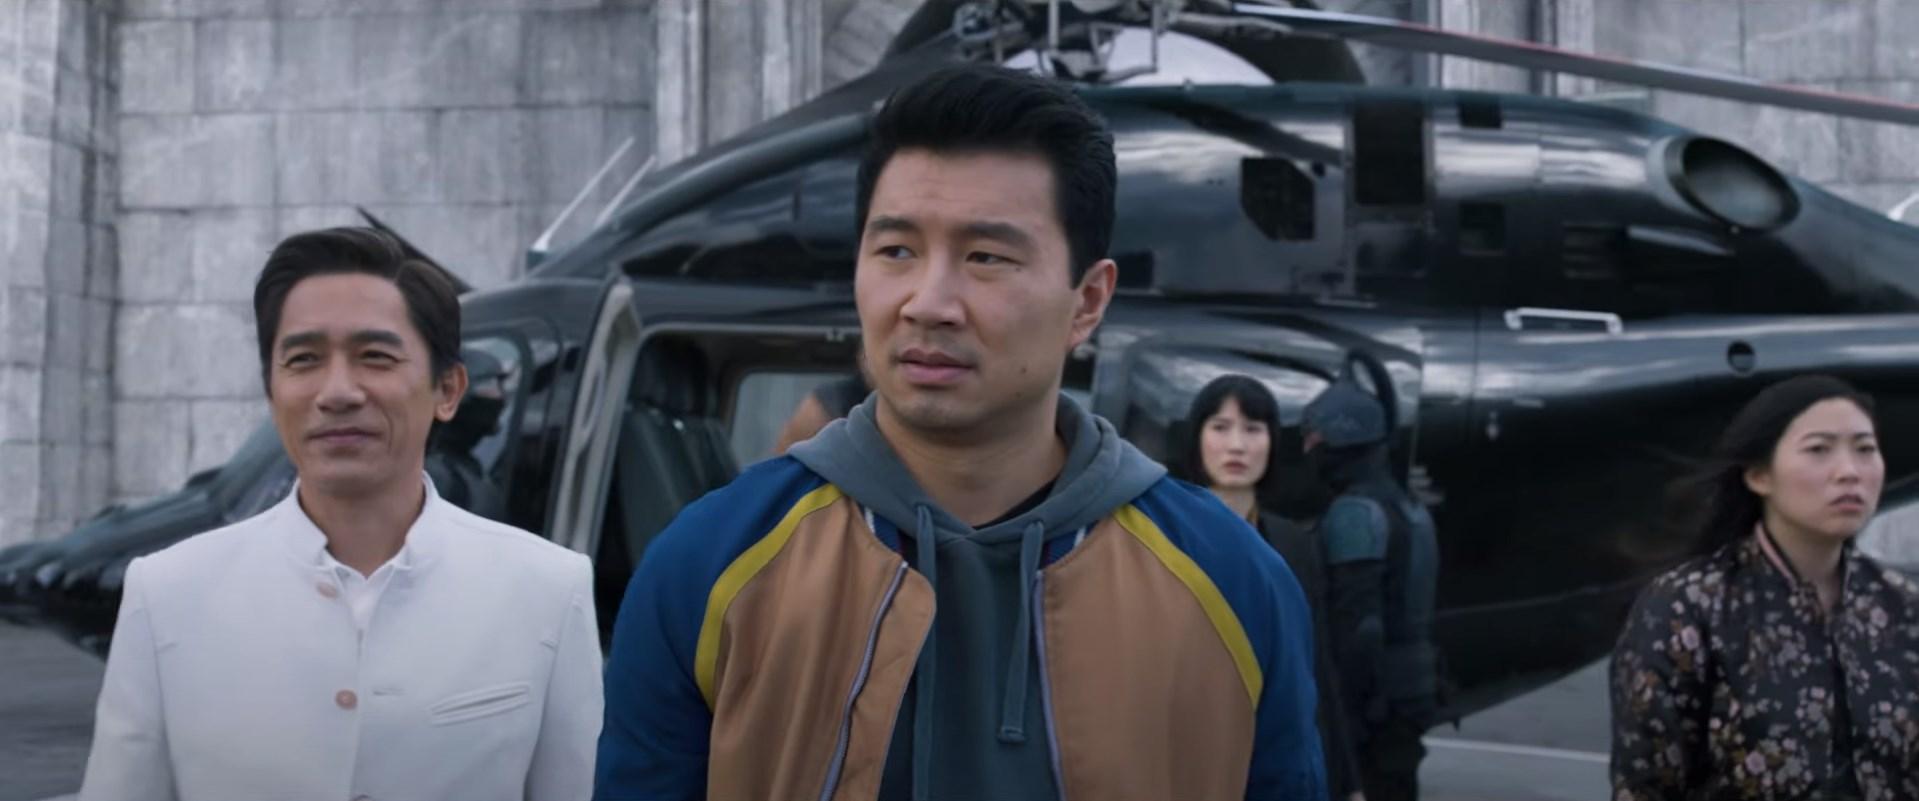 Shang-Chi e a Lenda dos Dez Anéis recebe primeiro teaser trailer cheio de ação